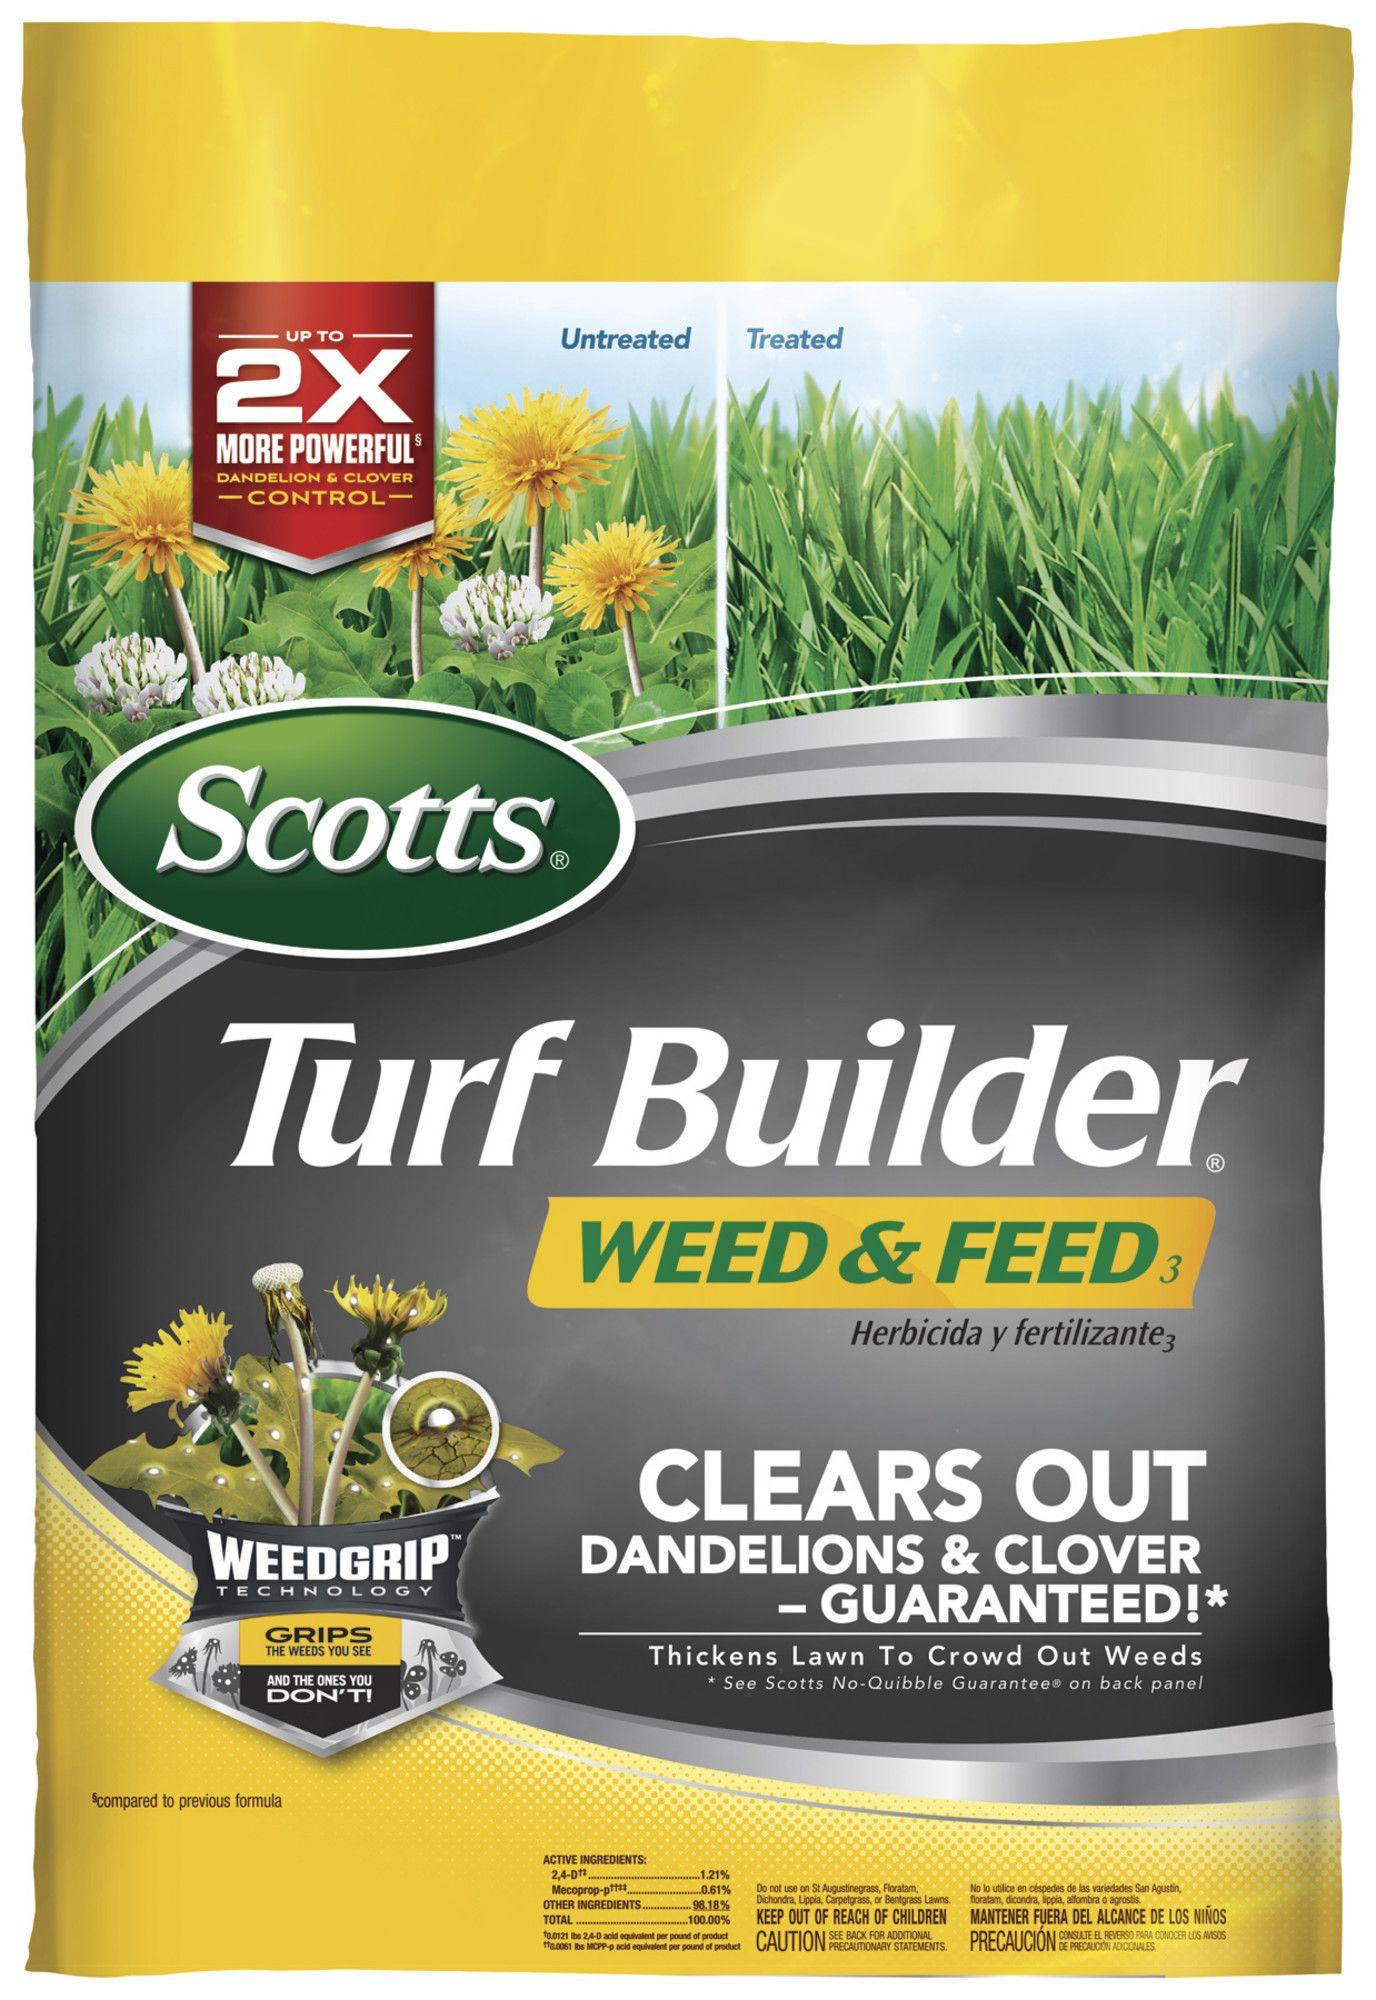 Scotts turf builder weed u feed like it pinterest turf